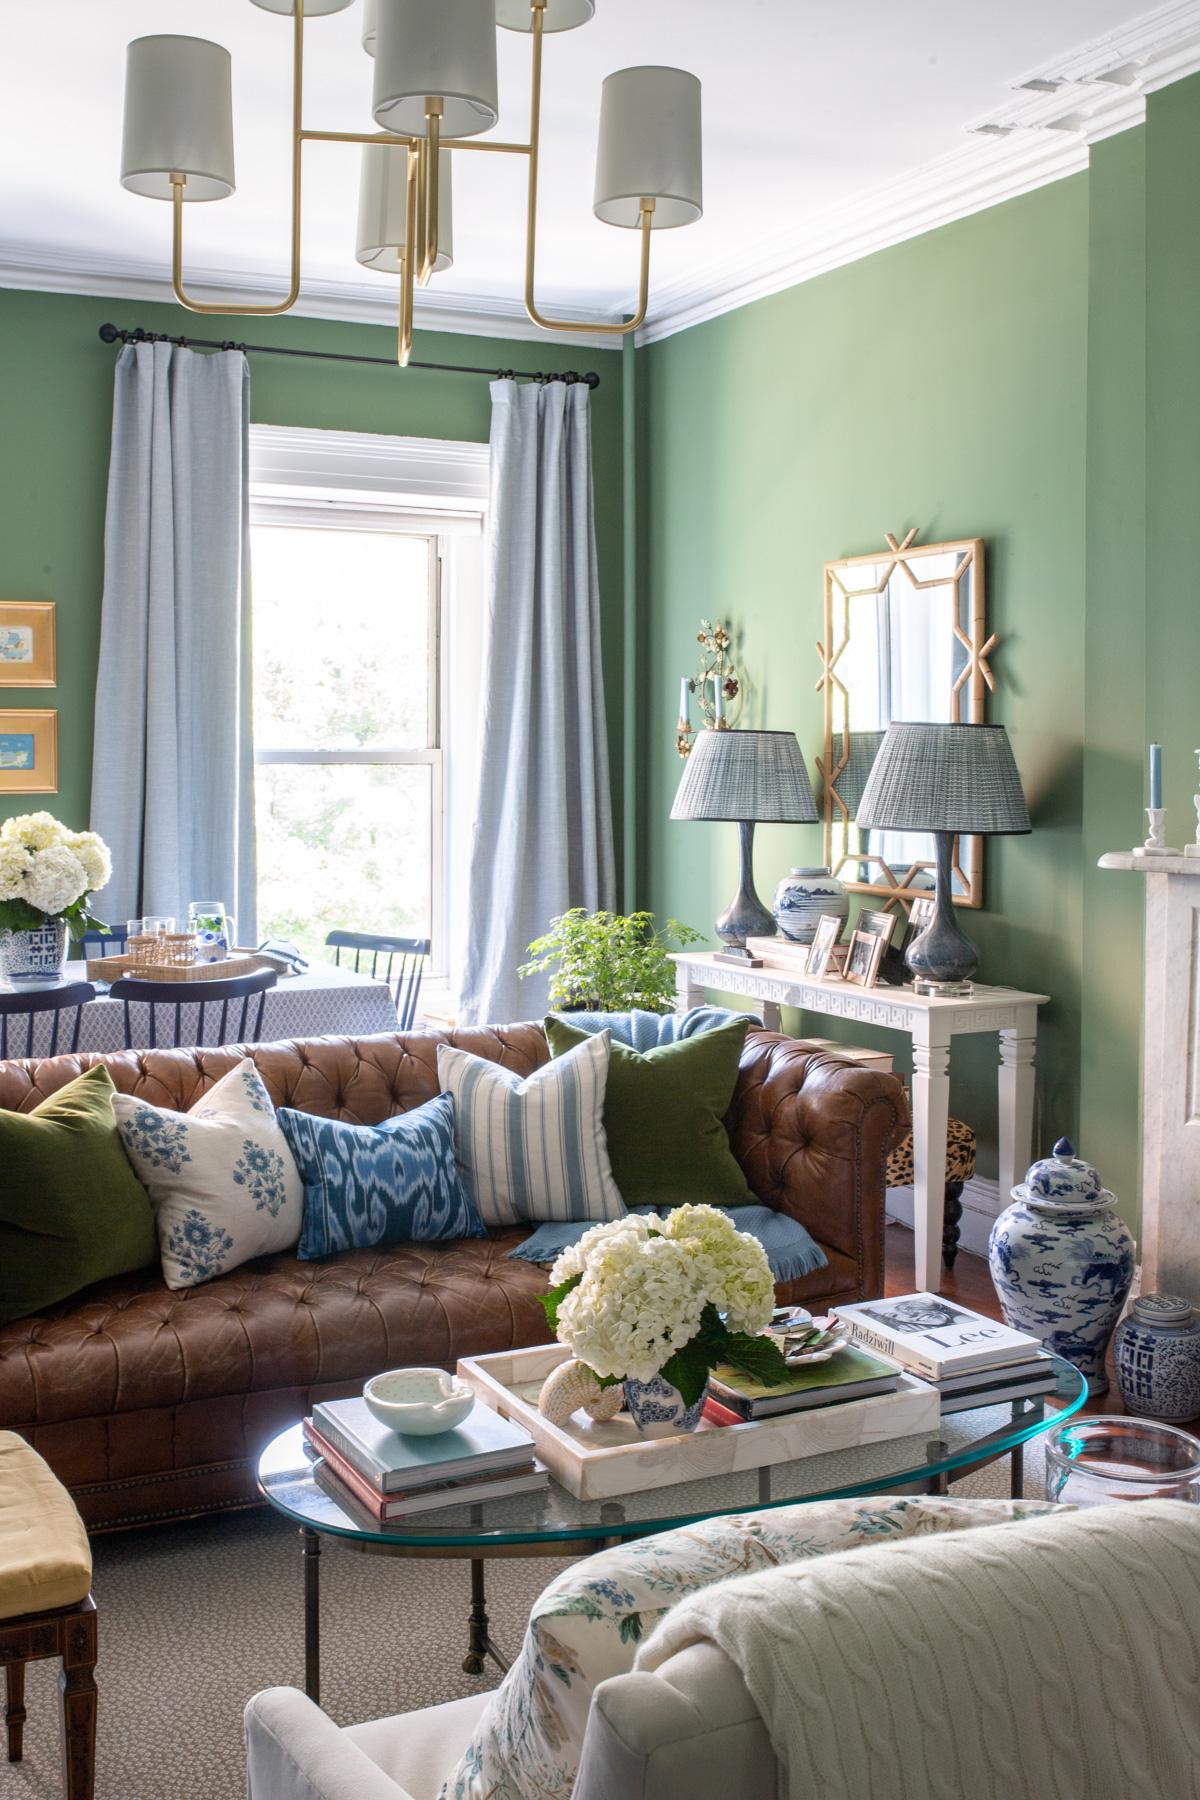 Stacie Flinner x NY Apartment Tour Living Room-2.jpg